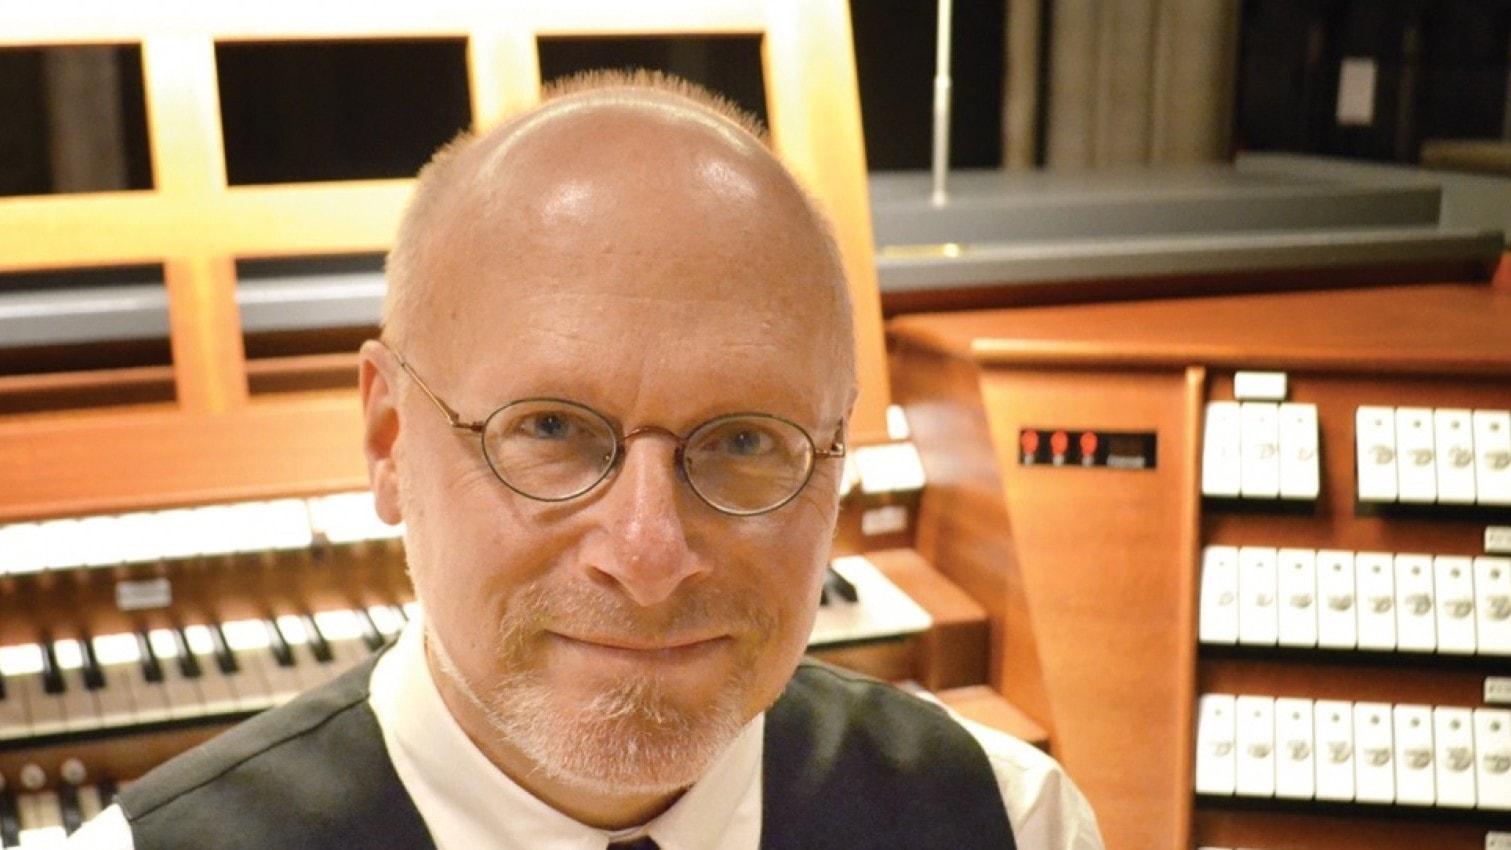 The Nordic Journey med den amerikanske organisten James D. Hicks